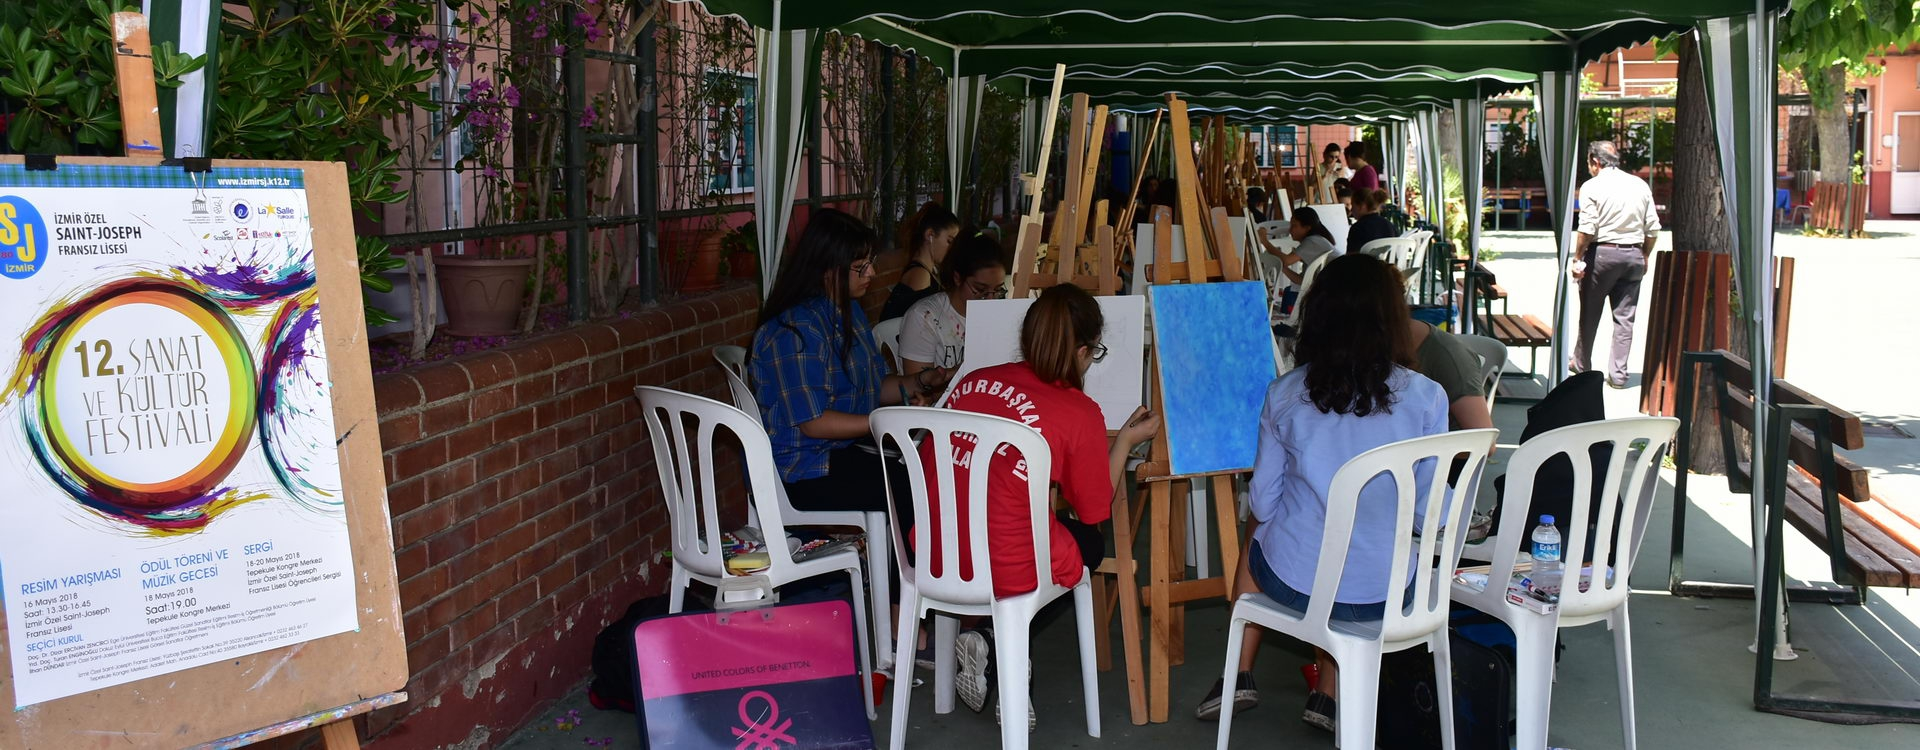 12. Sanat ve Kültür Festivali kapsamında Resim Yarışması gerçekleştirdik.